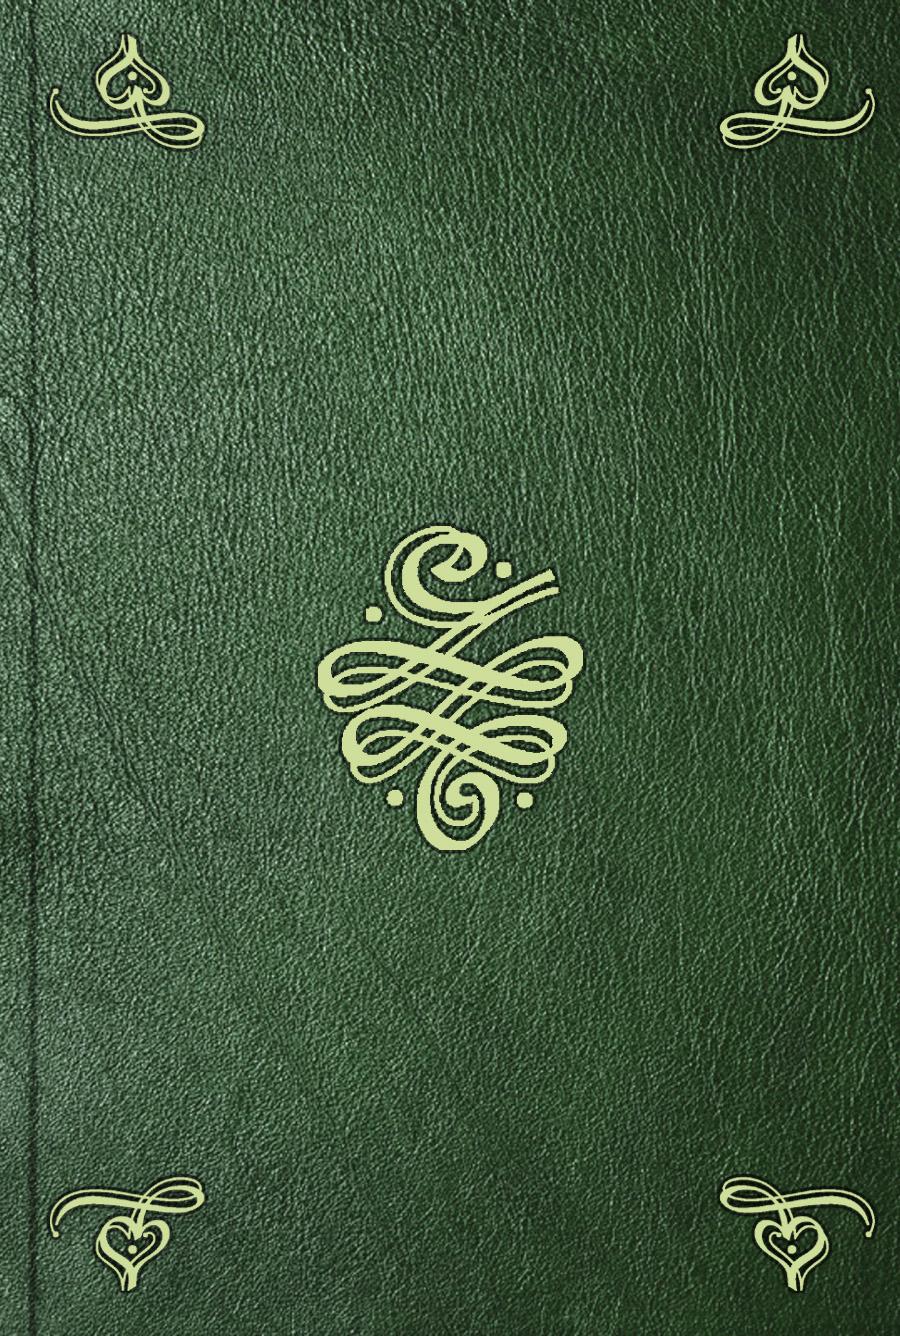 Ernst Friedrich Karl Rosenmüller Biblische Naturgeschichte. T. 1 ernst friedrich karl rosenmüller handbuch der biblischen altertumskunde bd 2 t 1